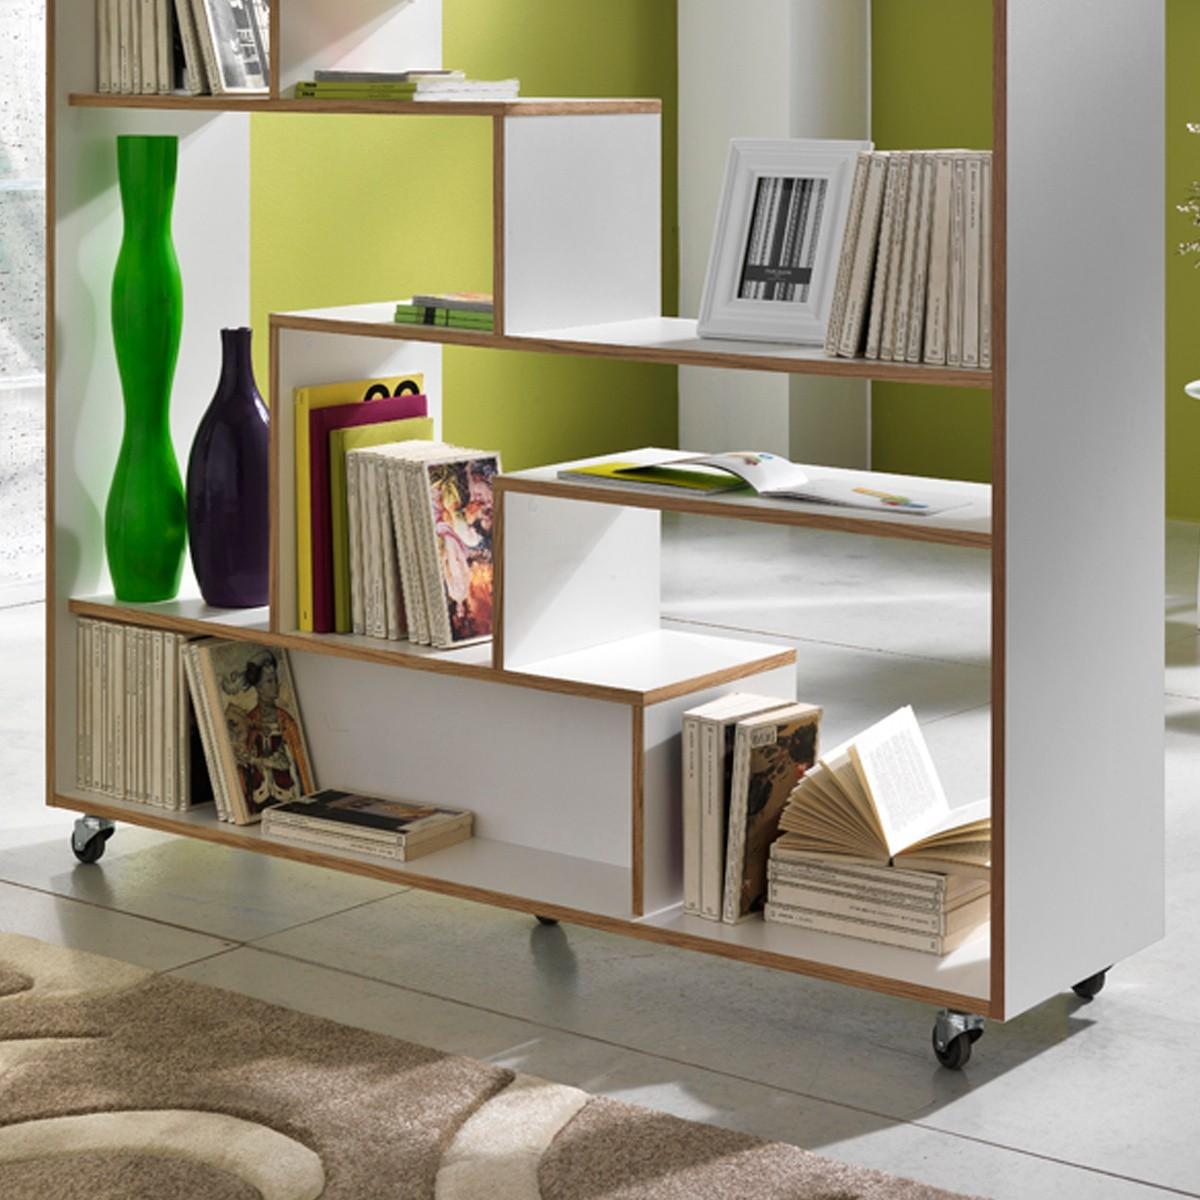 Lampadario da soffitto mondo convenienza for Librerie vendita online